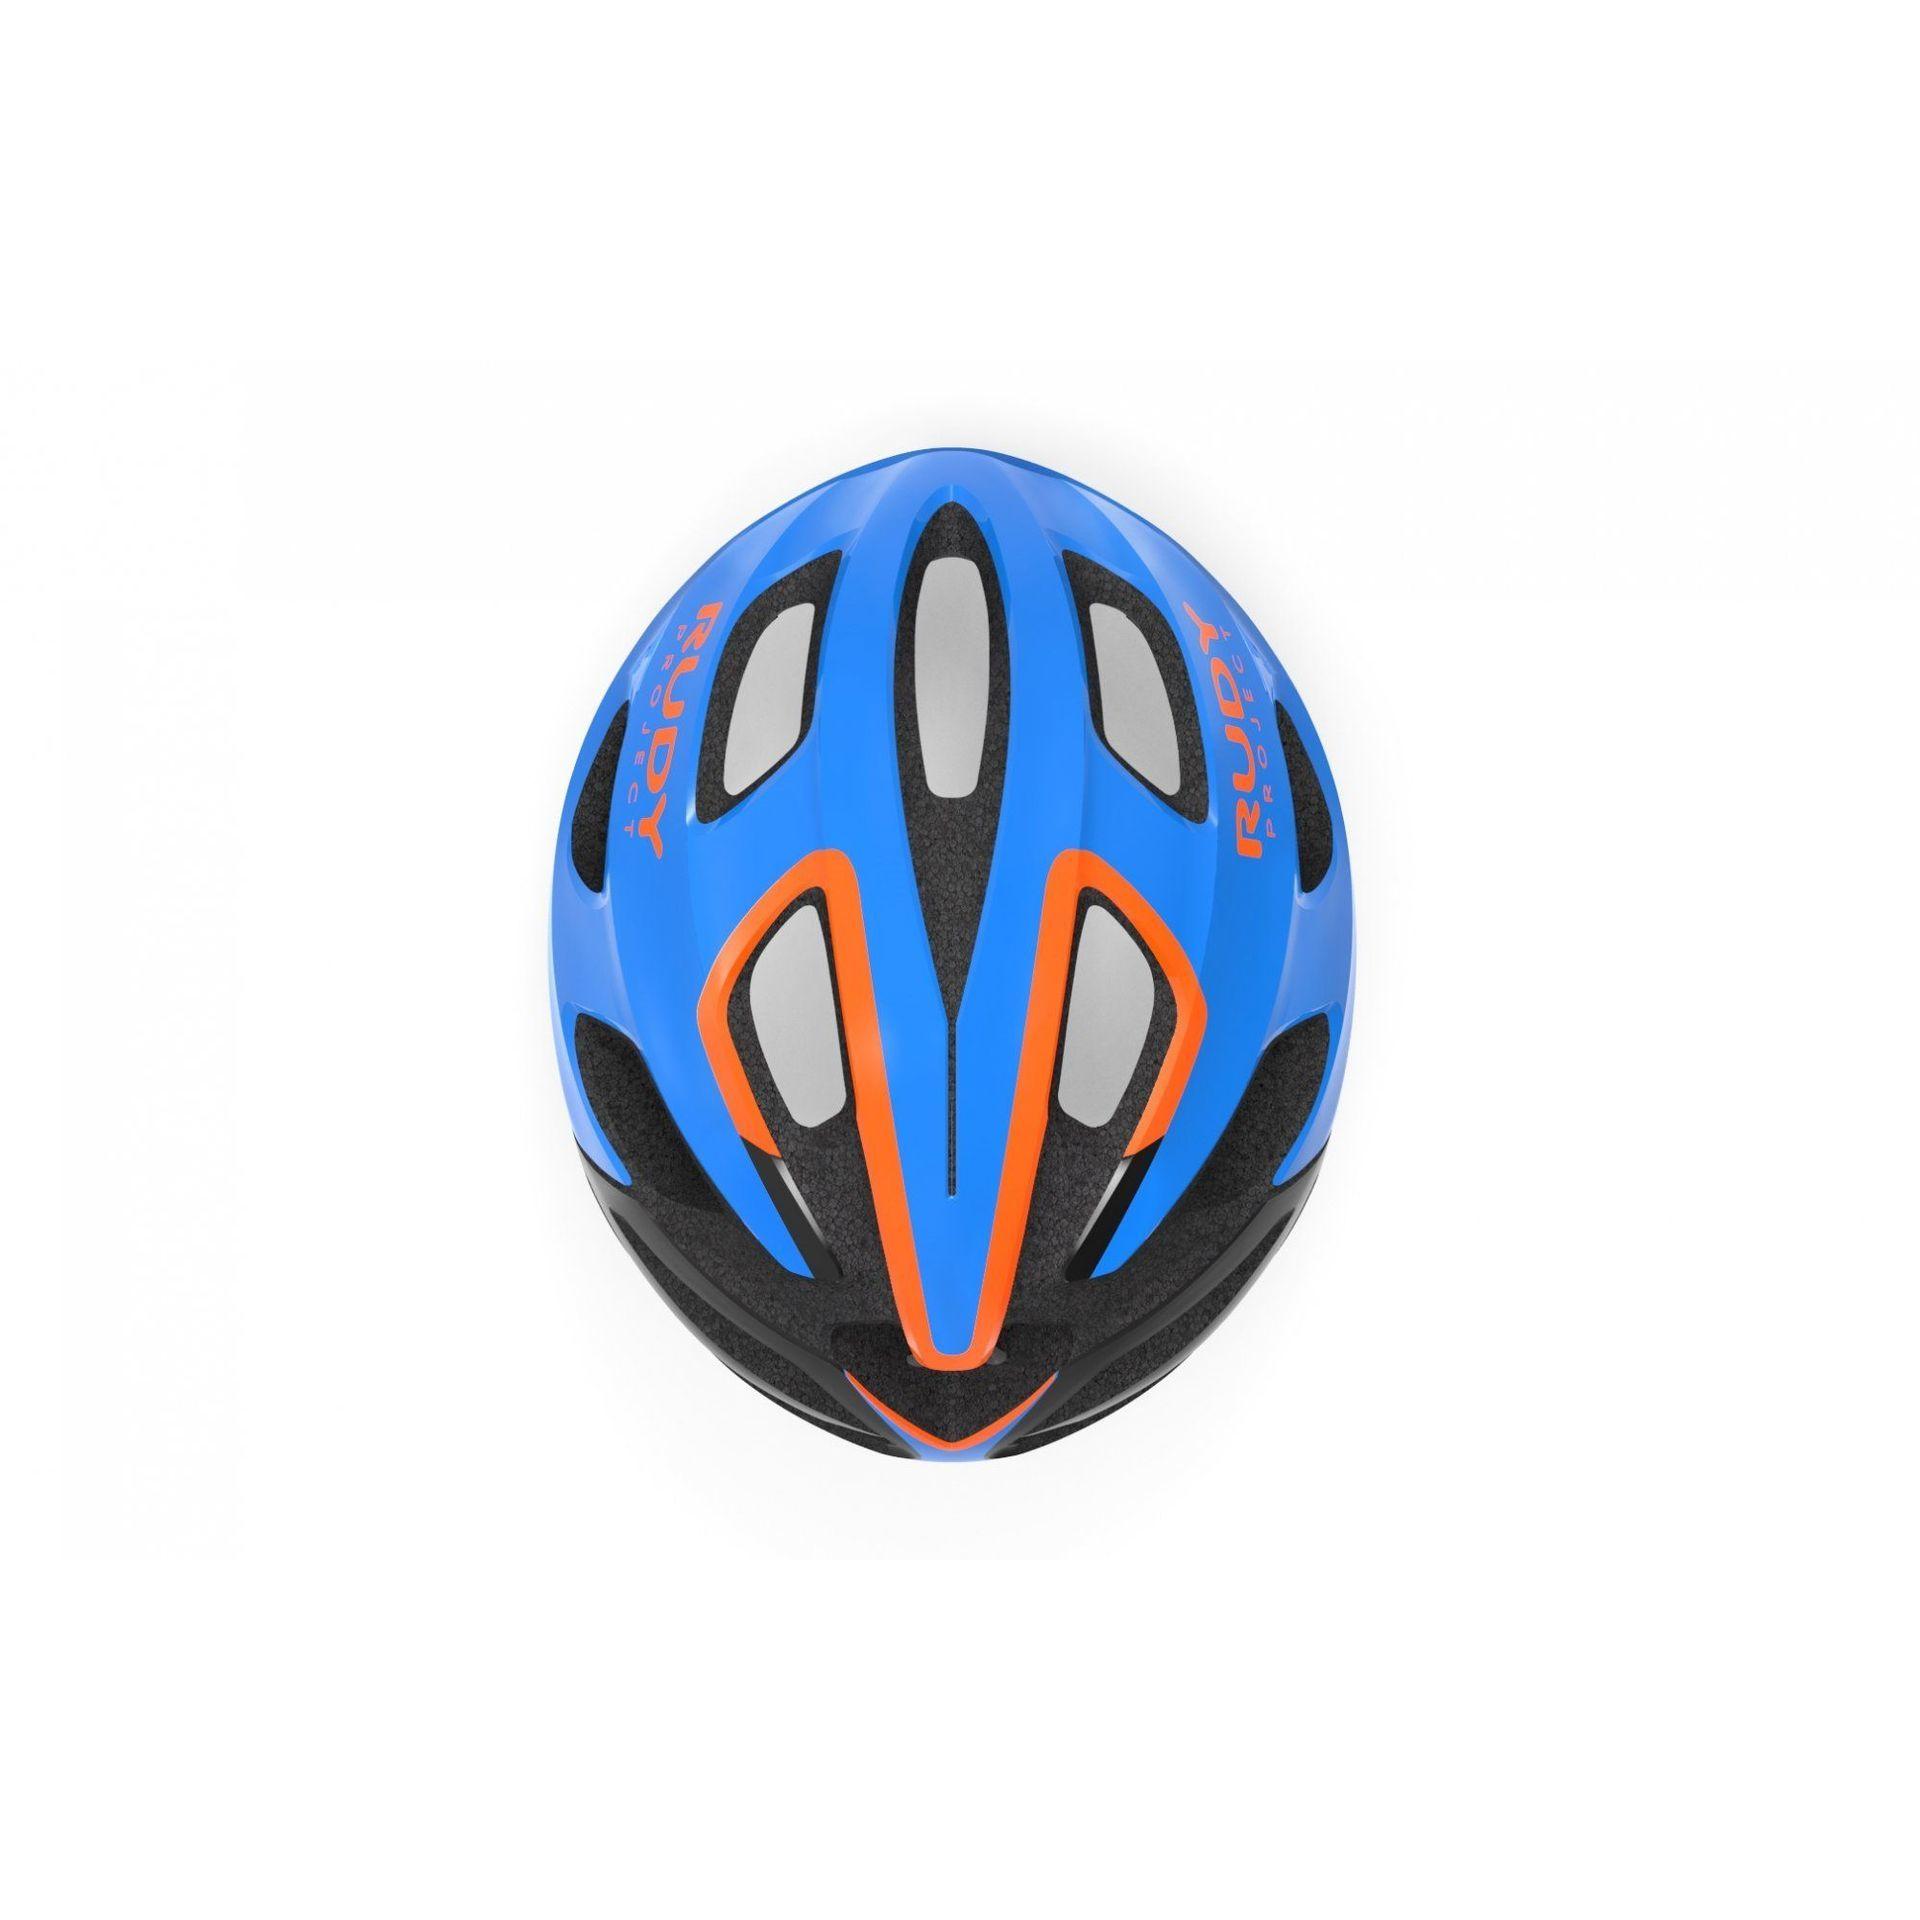 KASK ROWEROWY RUDY PROJECT STRYM BLUE|ORANGE HL64006 5